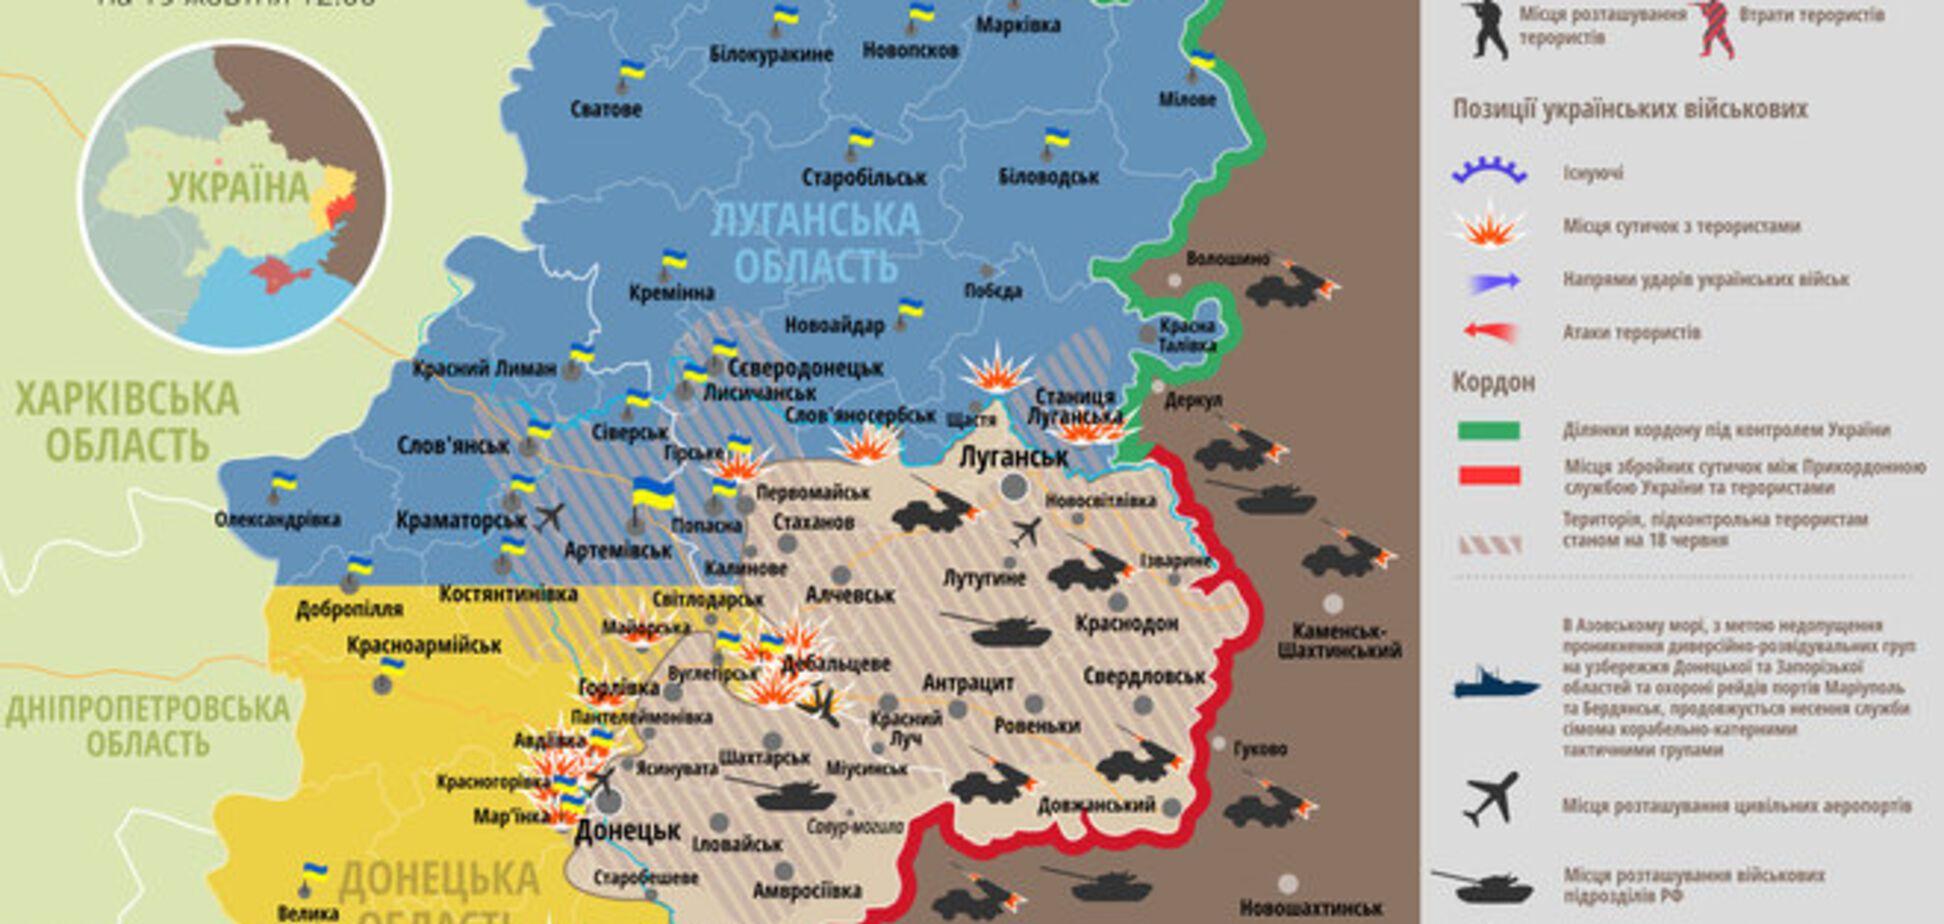 Юг Донбасса и Мариуполь под контролем Украины: опубликована карта АТО на 19 октября